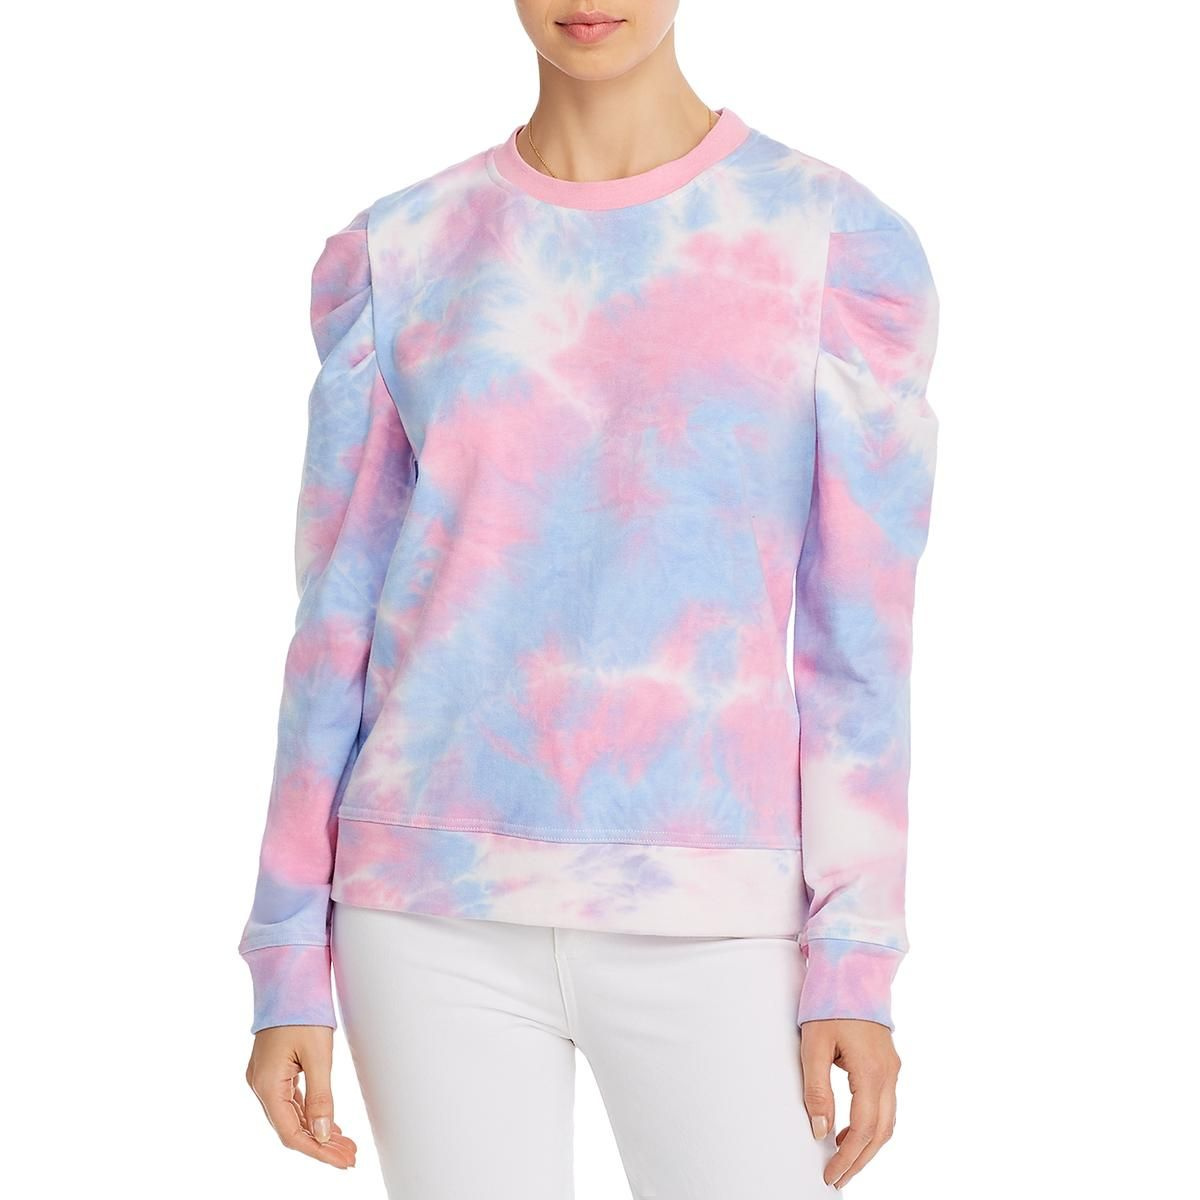 Aqua Womens Tie Dye Crew Neck Sweatshirt Pink Xs In 2021 Sweatshirts Tie Dye Sweatshirt Womens Tie [ 1200 x 1200 Pixel ]